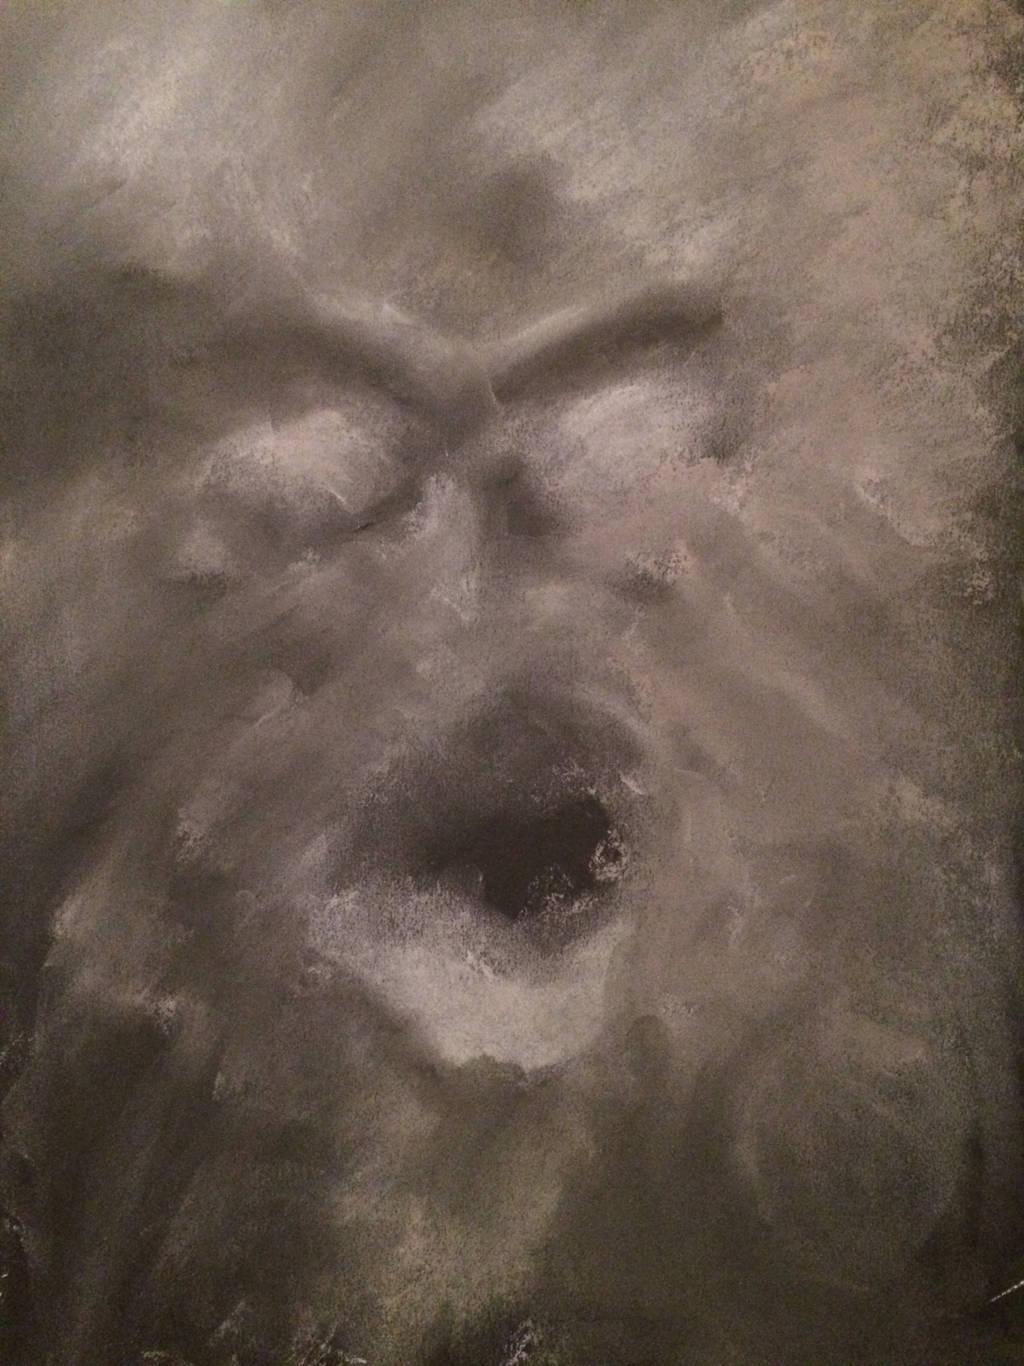 MURKY FACE by WeirdDarkness